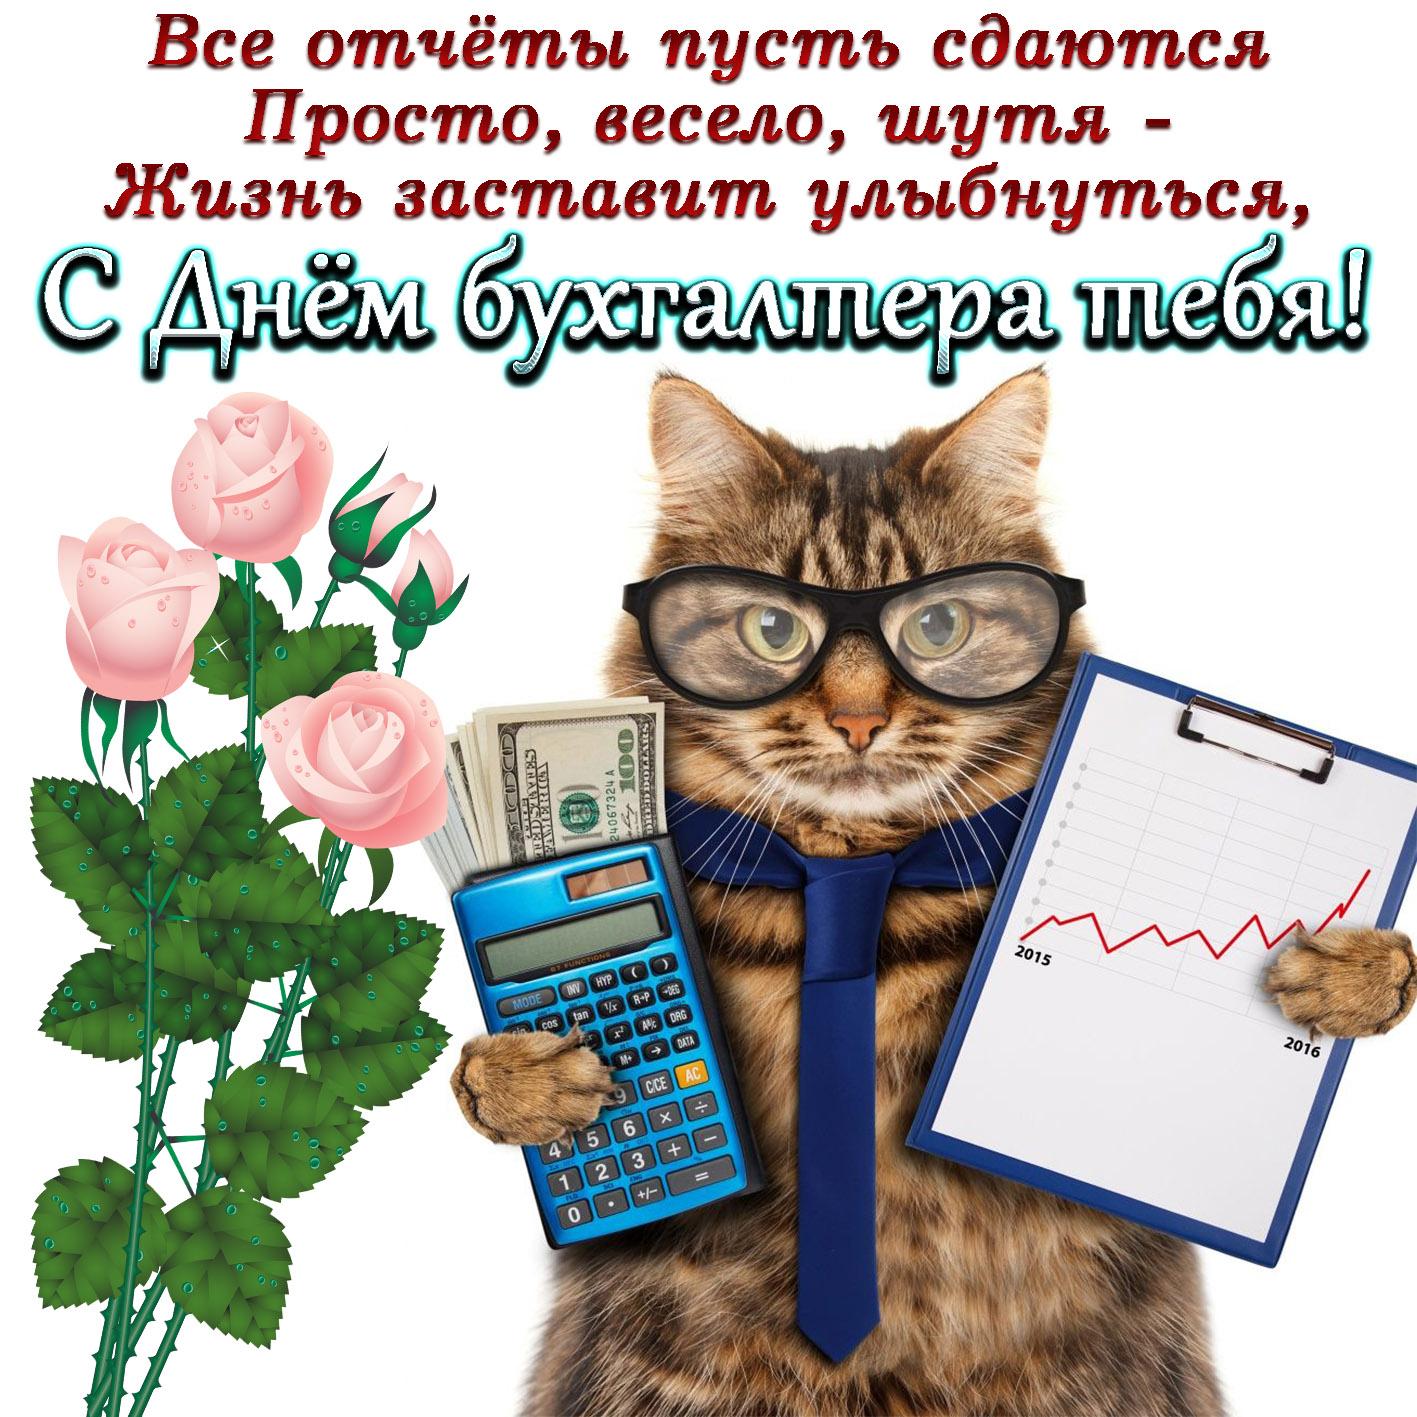 Поздравление бухгалтеру картинки